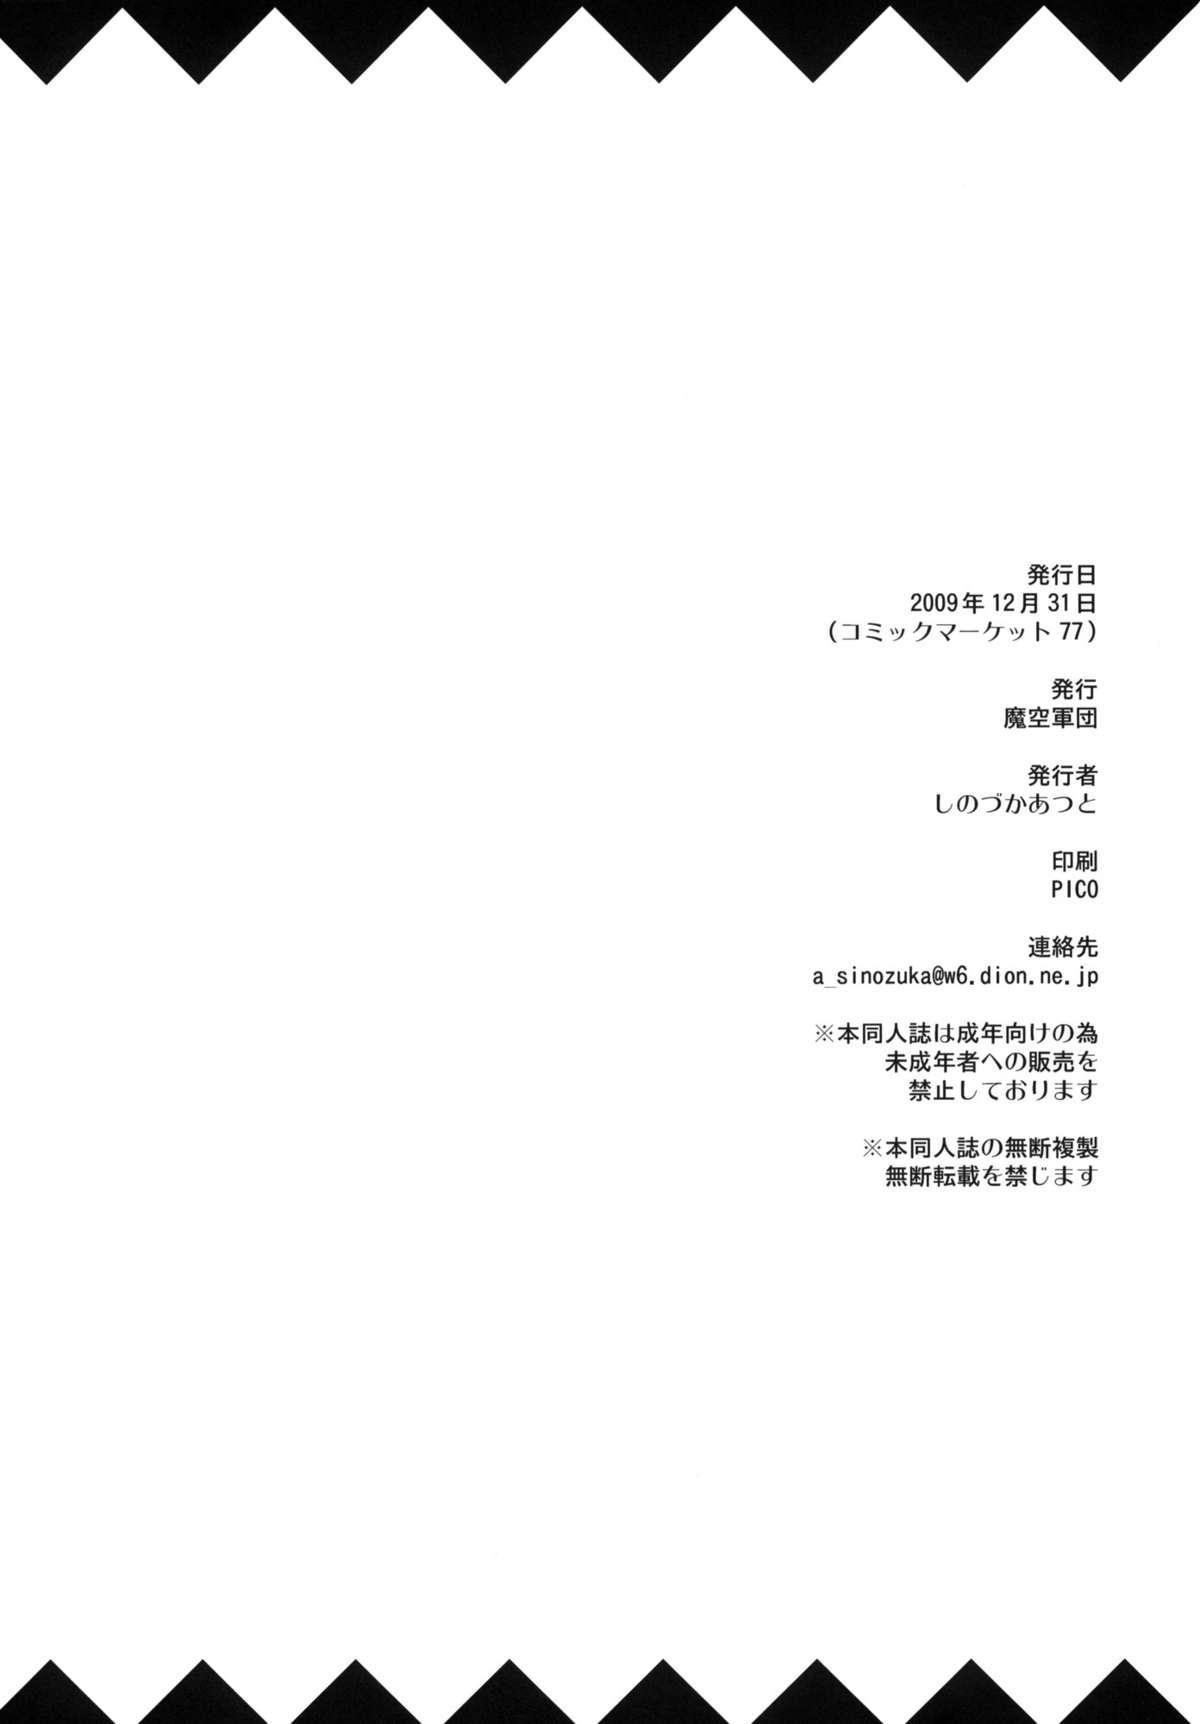 Mako P Tsuushin Kaijou Gentei Omake Hon 28